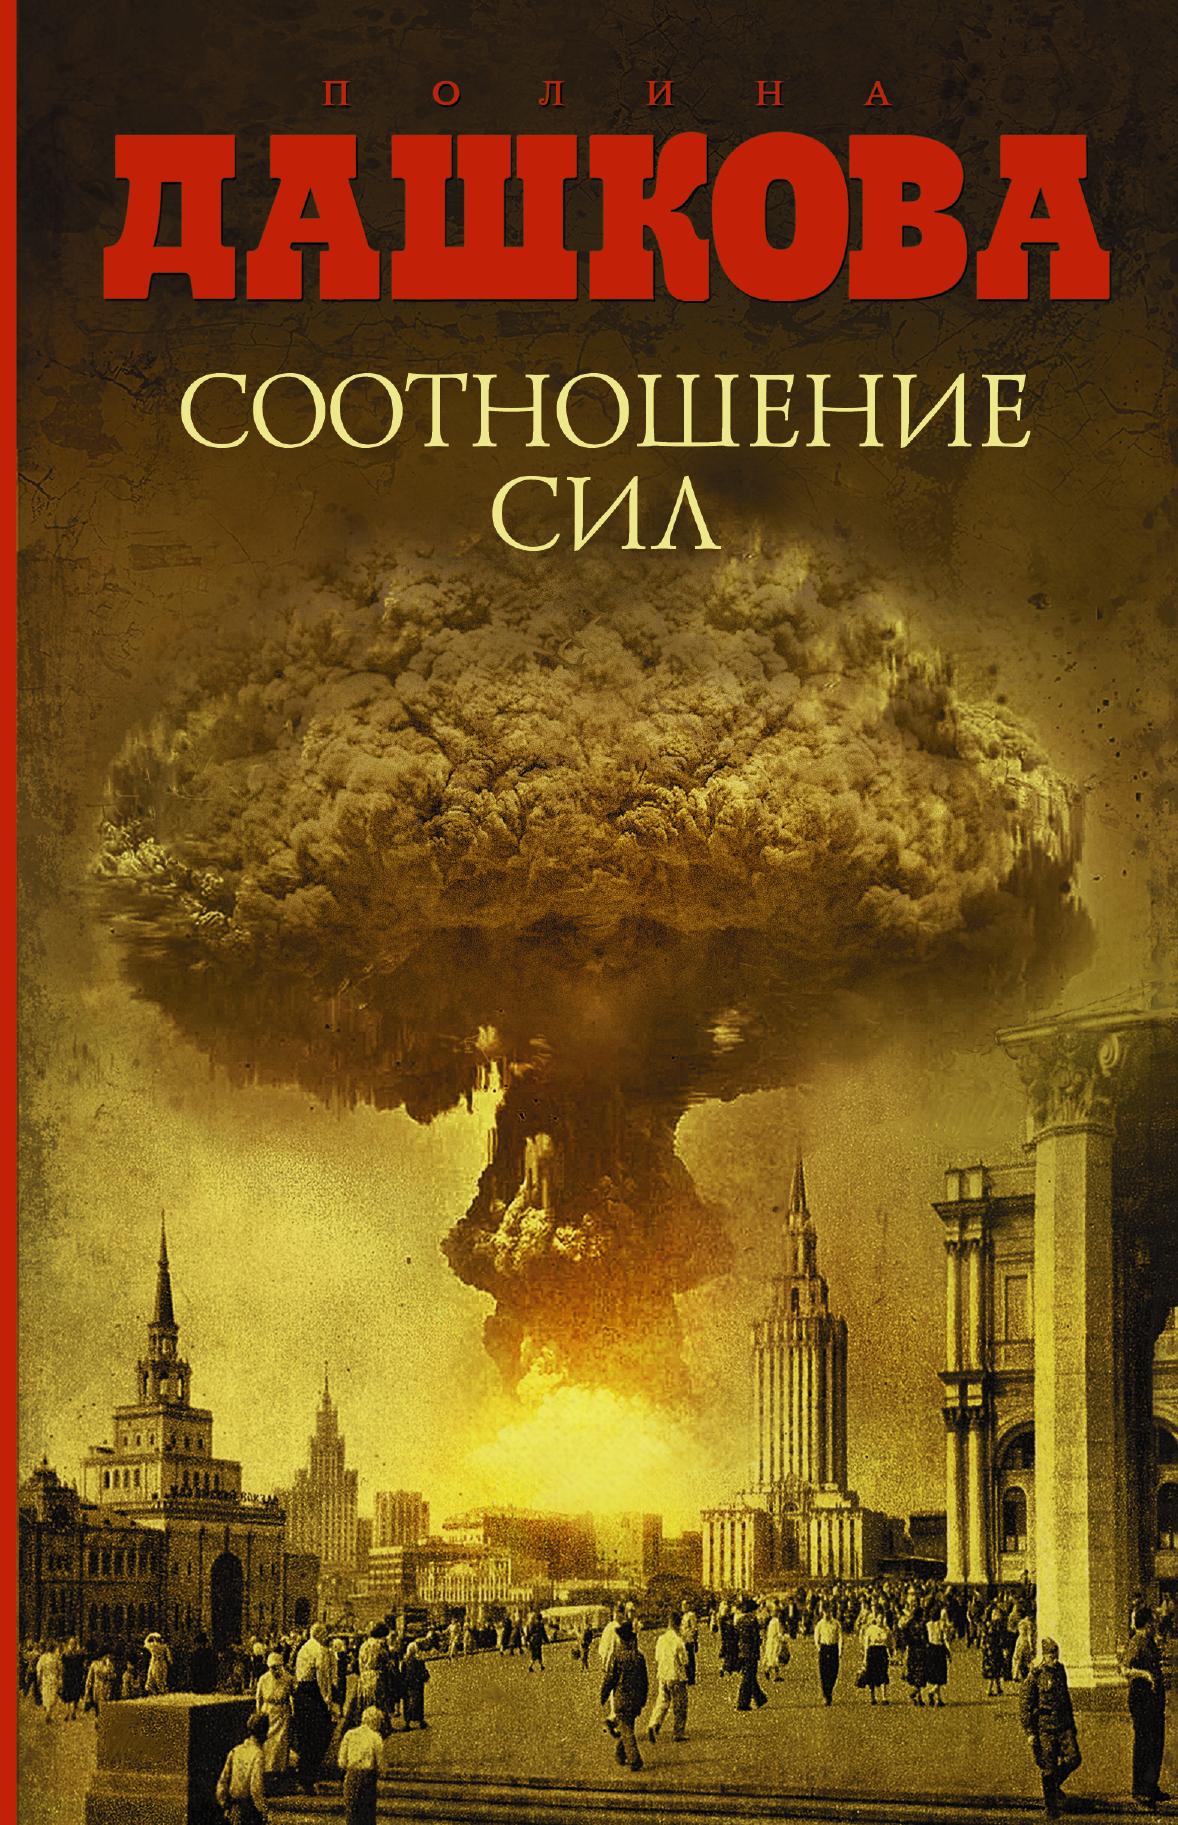 Дашкова Новые Книги